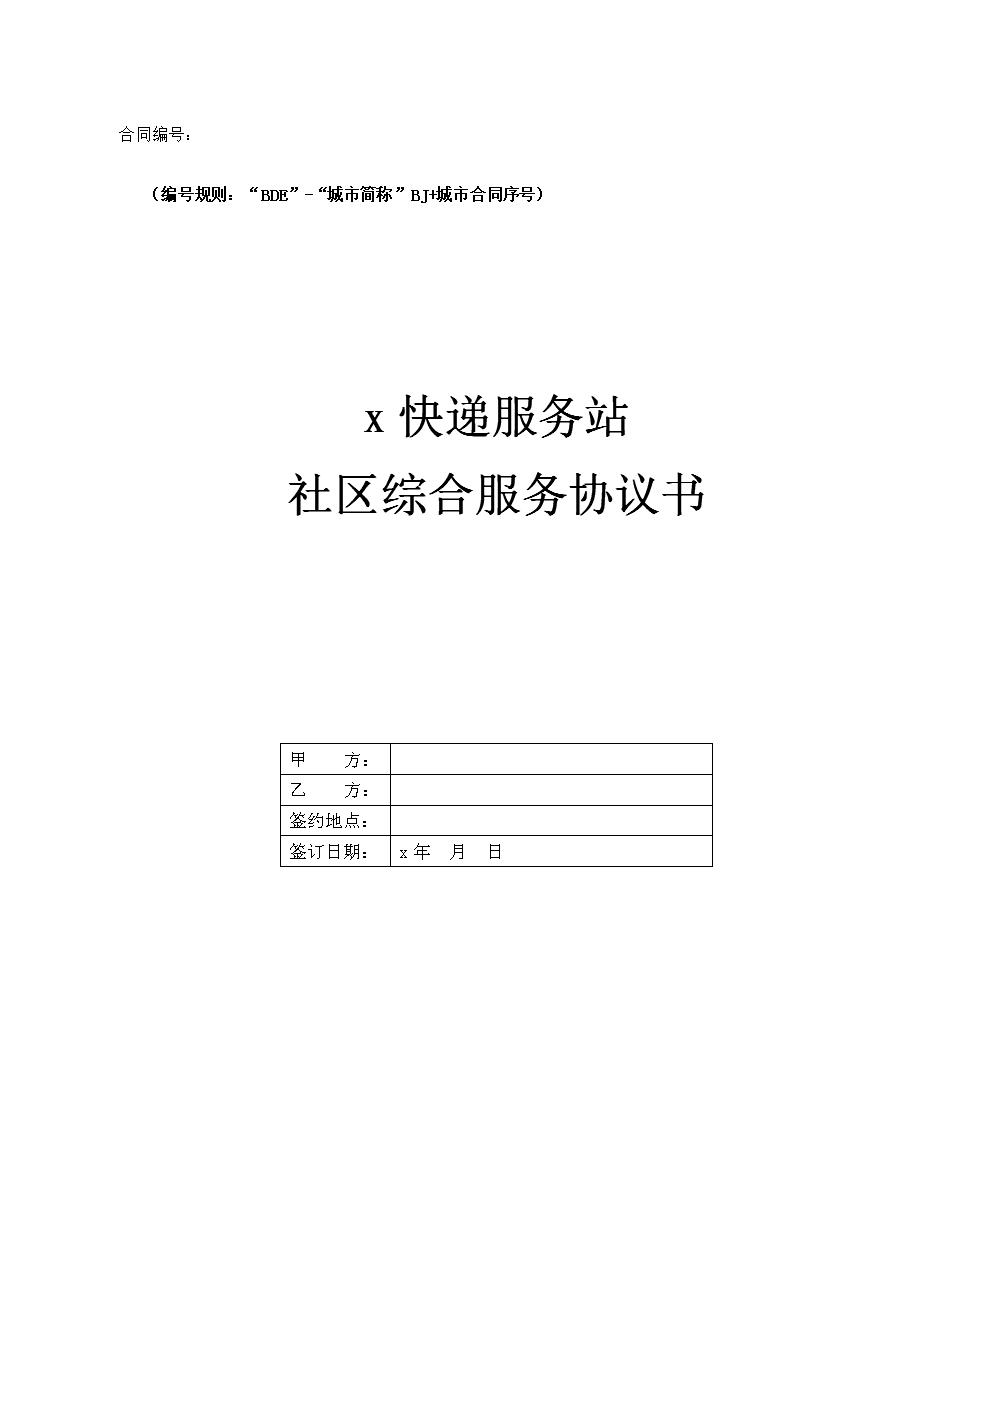 指尖快递服务站社区综合服务协议.docx